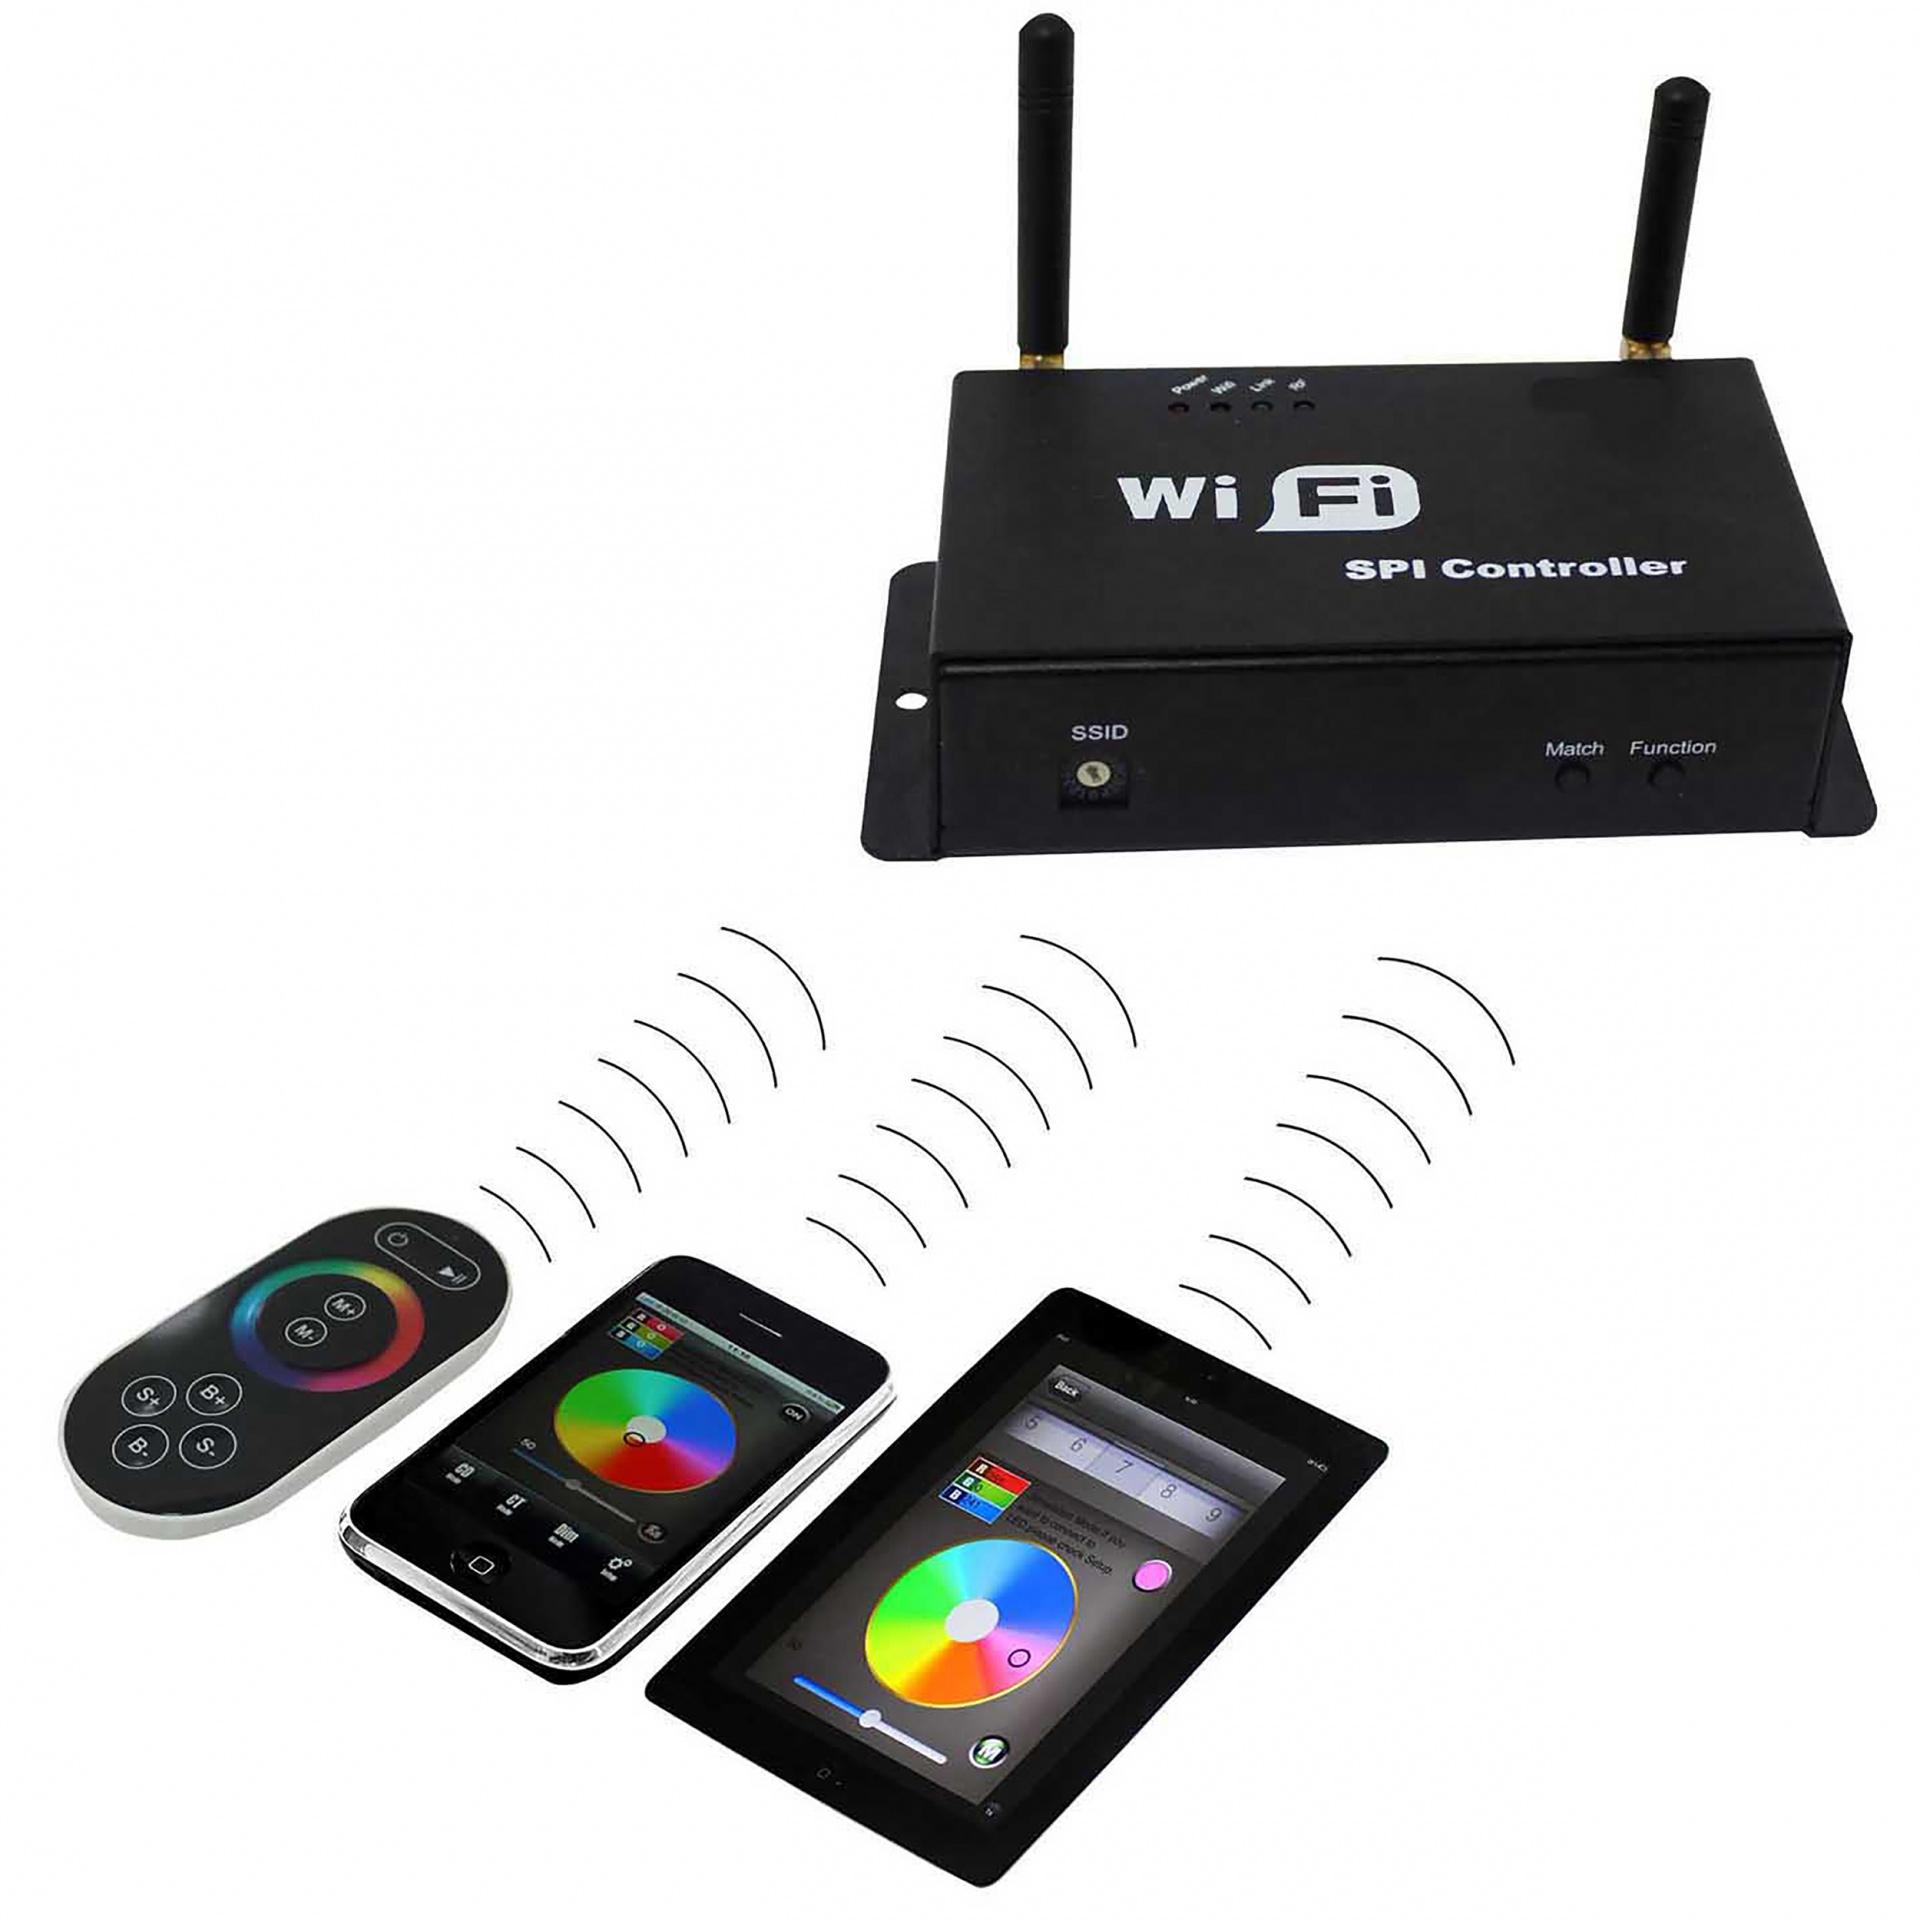 Контроллер Wi-Fi 100 12V/24V max 4A*3CH 36 Вт Lightstar 410984, купить в СПб, Москве, с доставкой, Санкт-Петербург, интернет-магазин люстр и светильников Starlight, фото в жизни